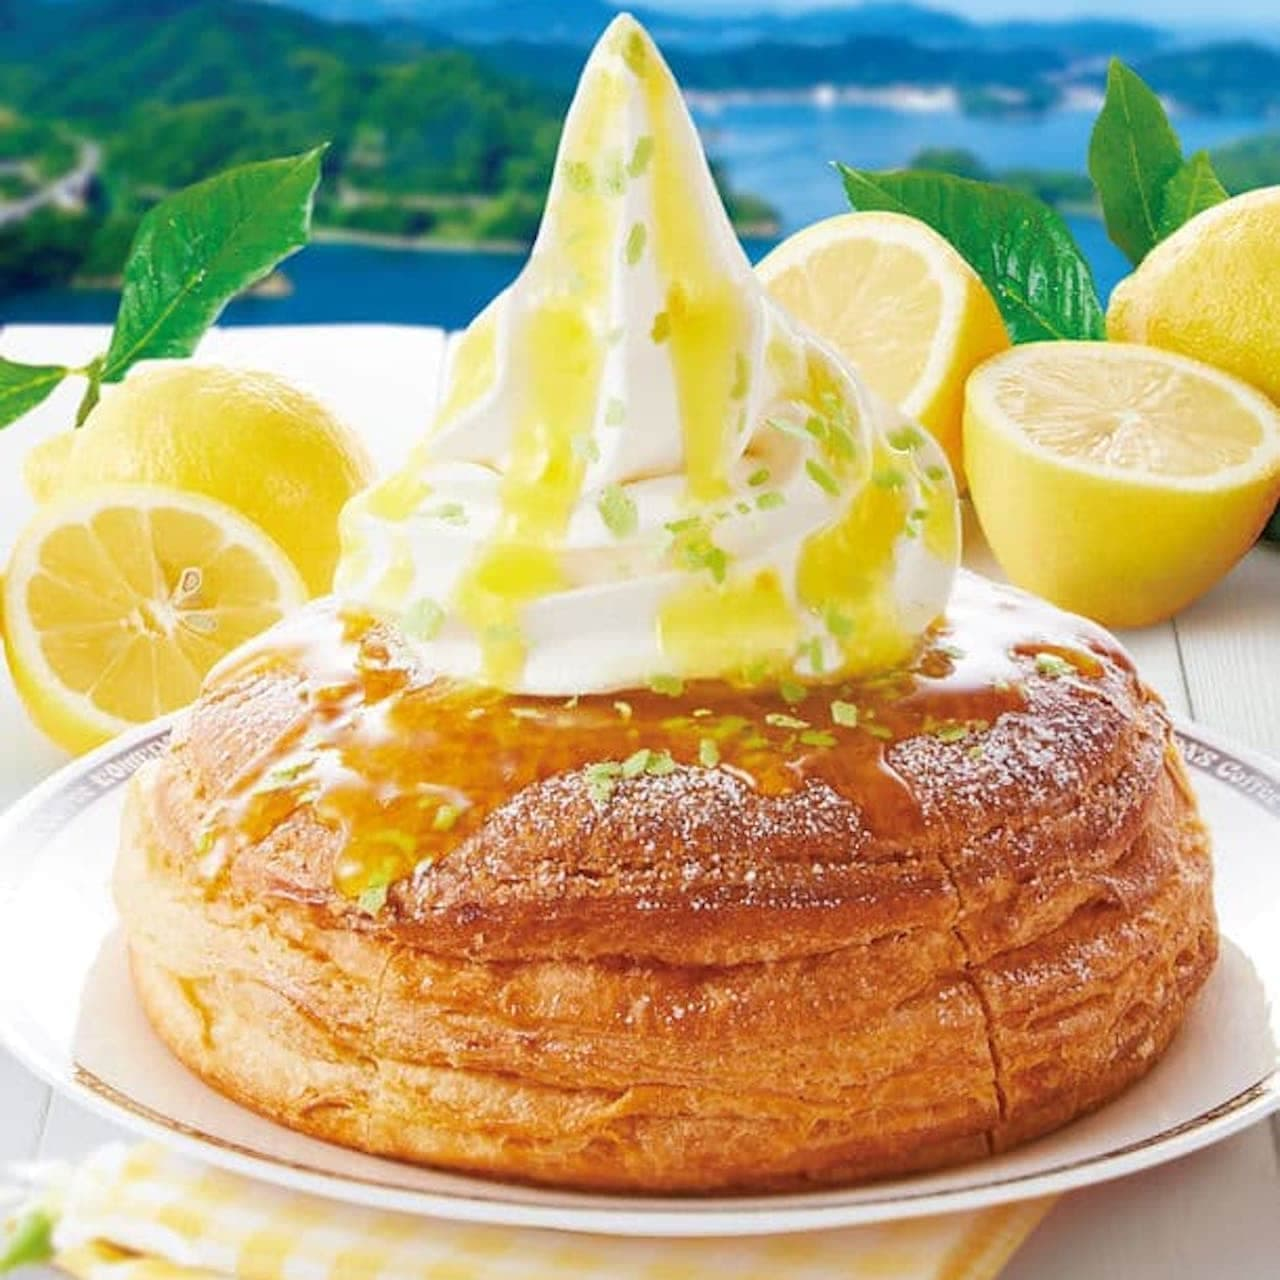 季節のシロノワール「シロノワール 瀬戸内レモン」